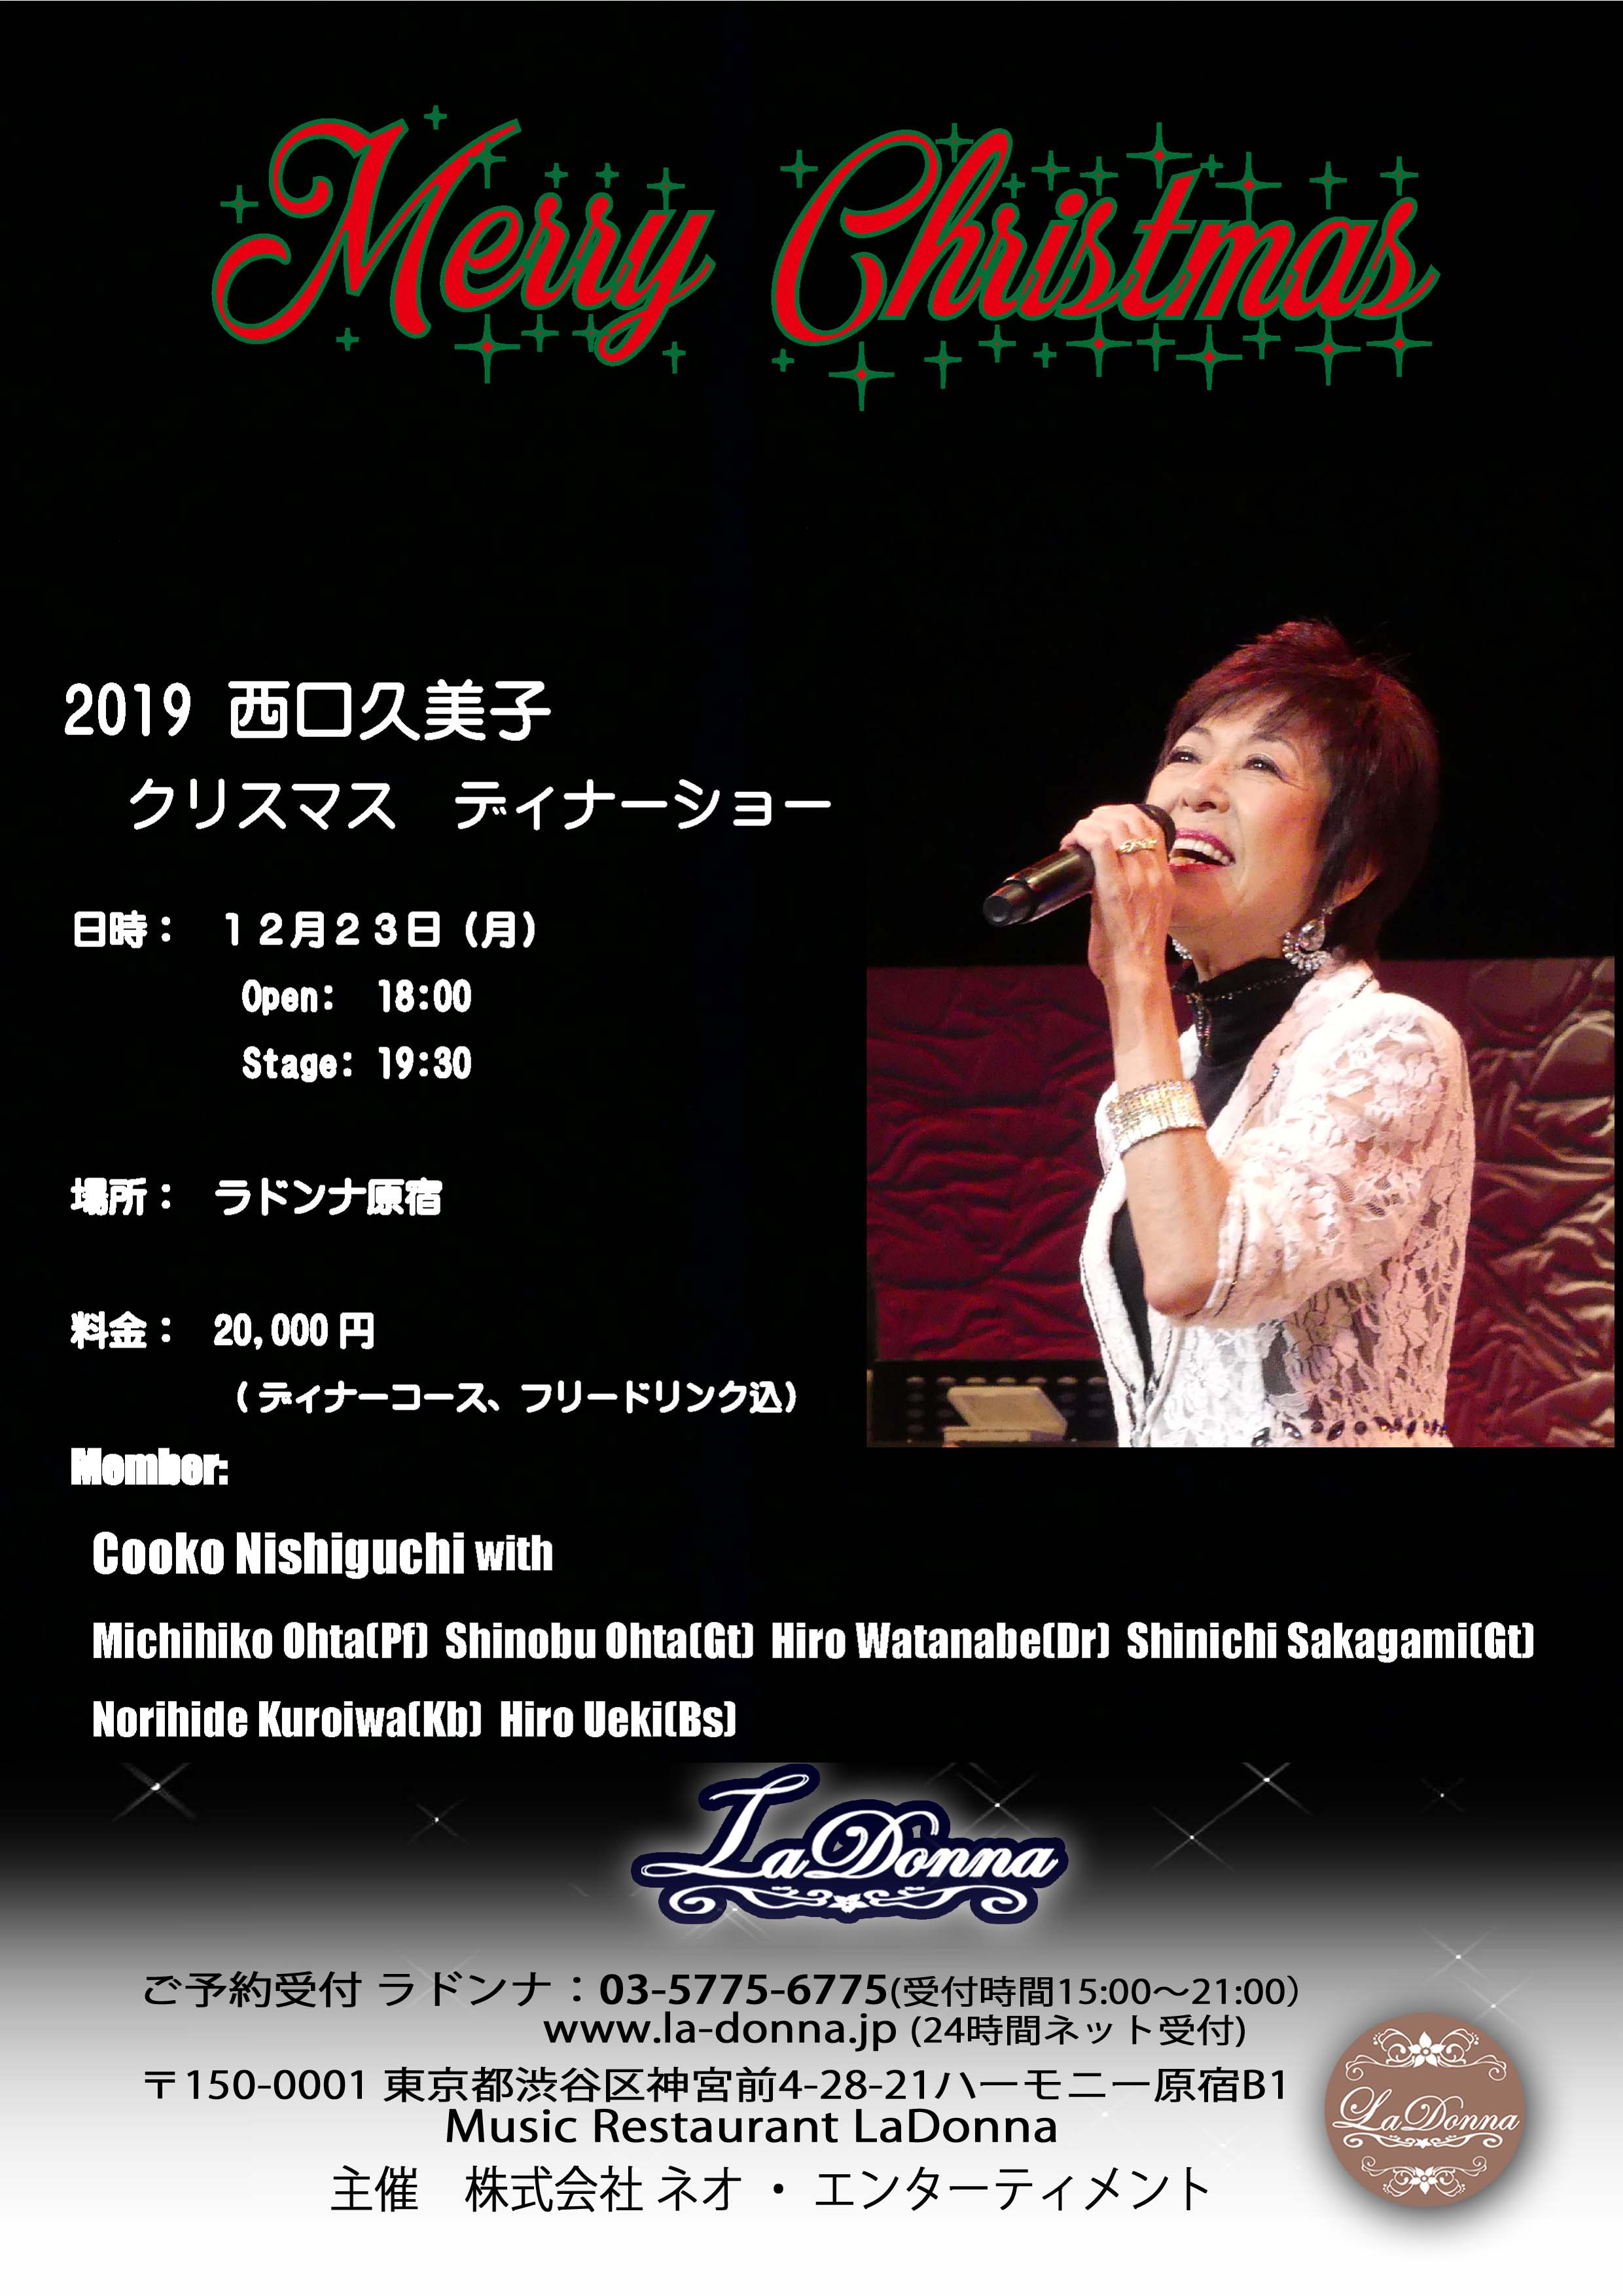 2019 西口久美子 クリスマスディナーショー